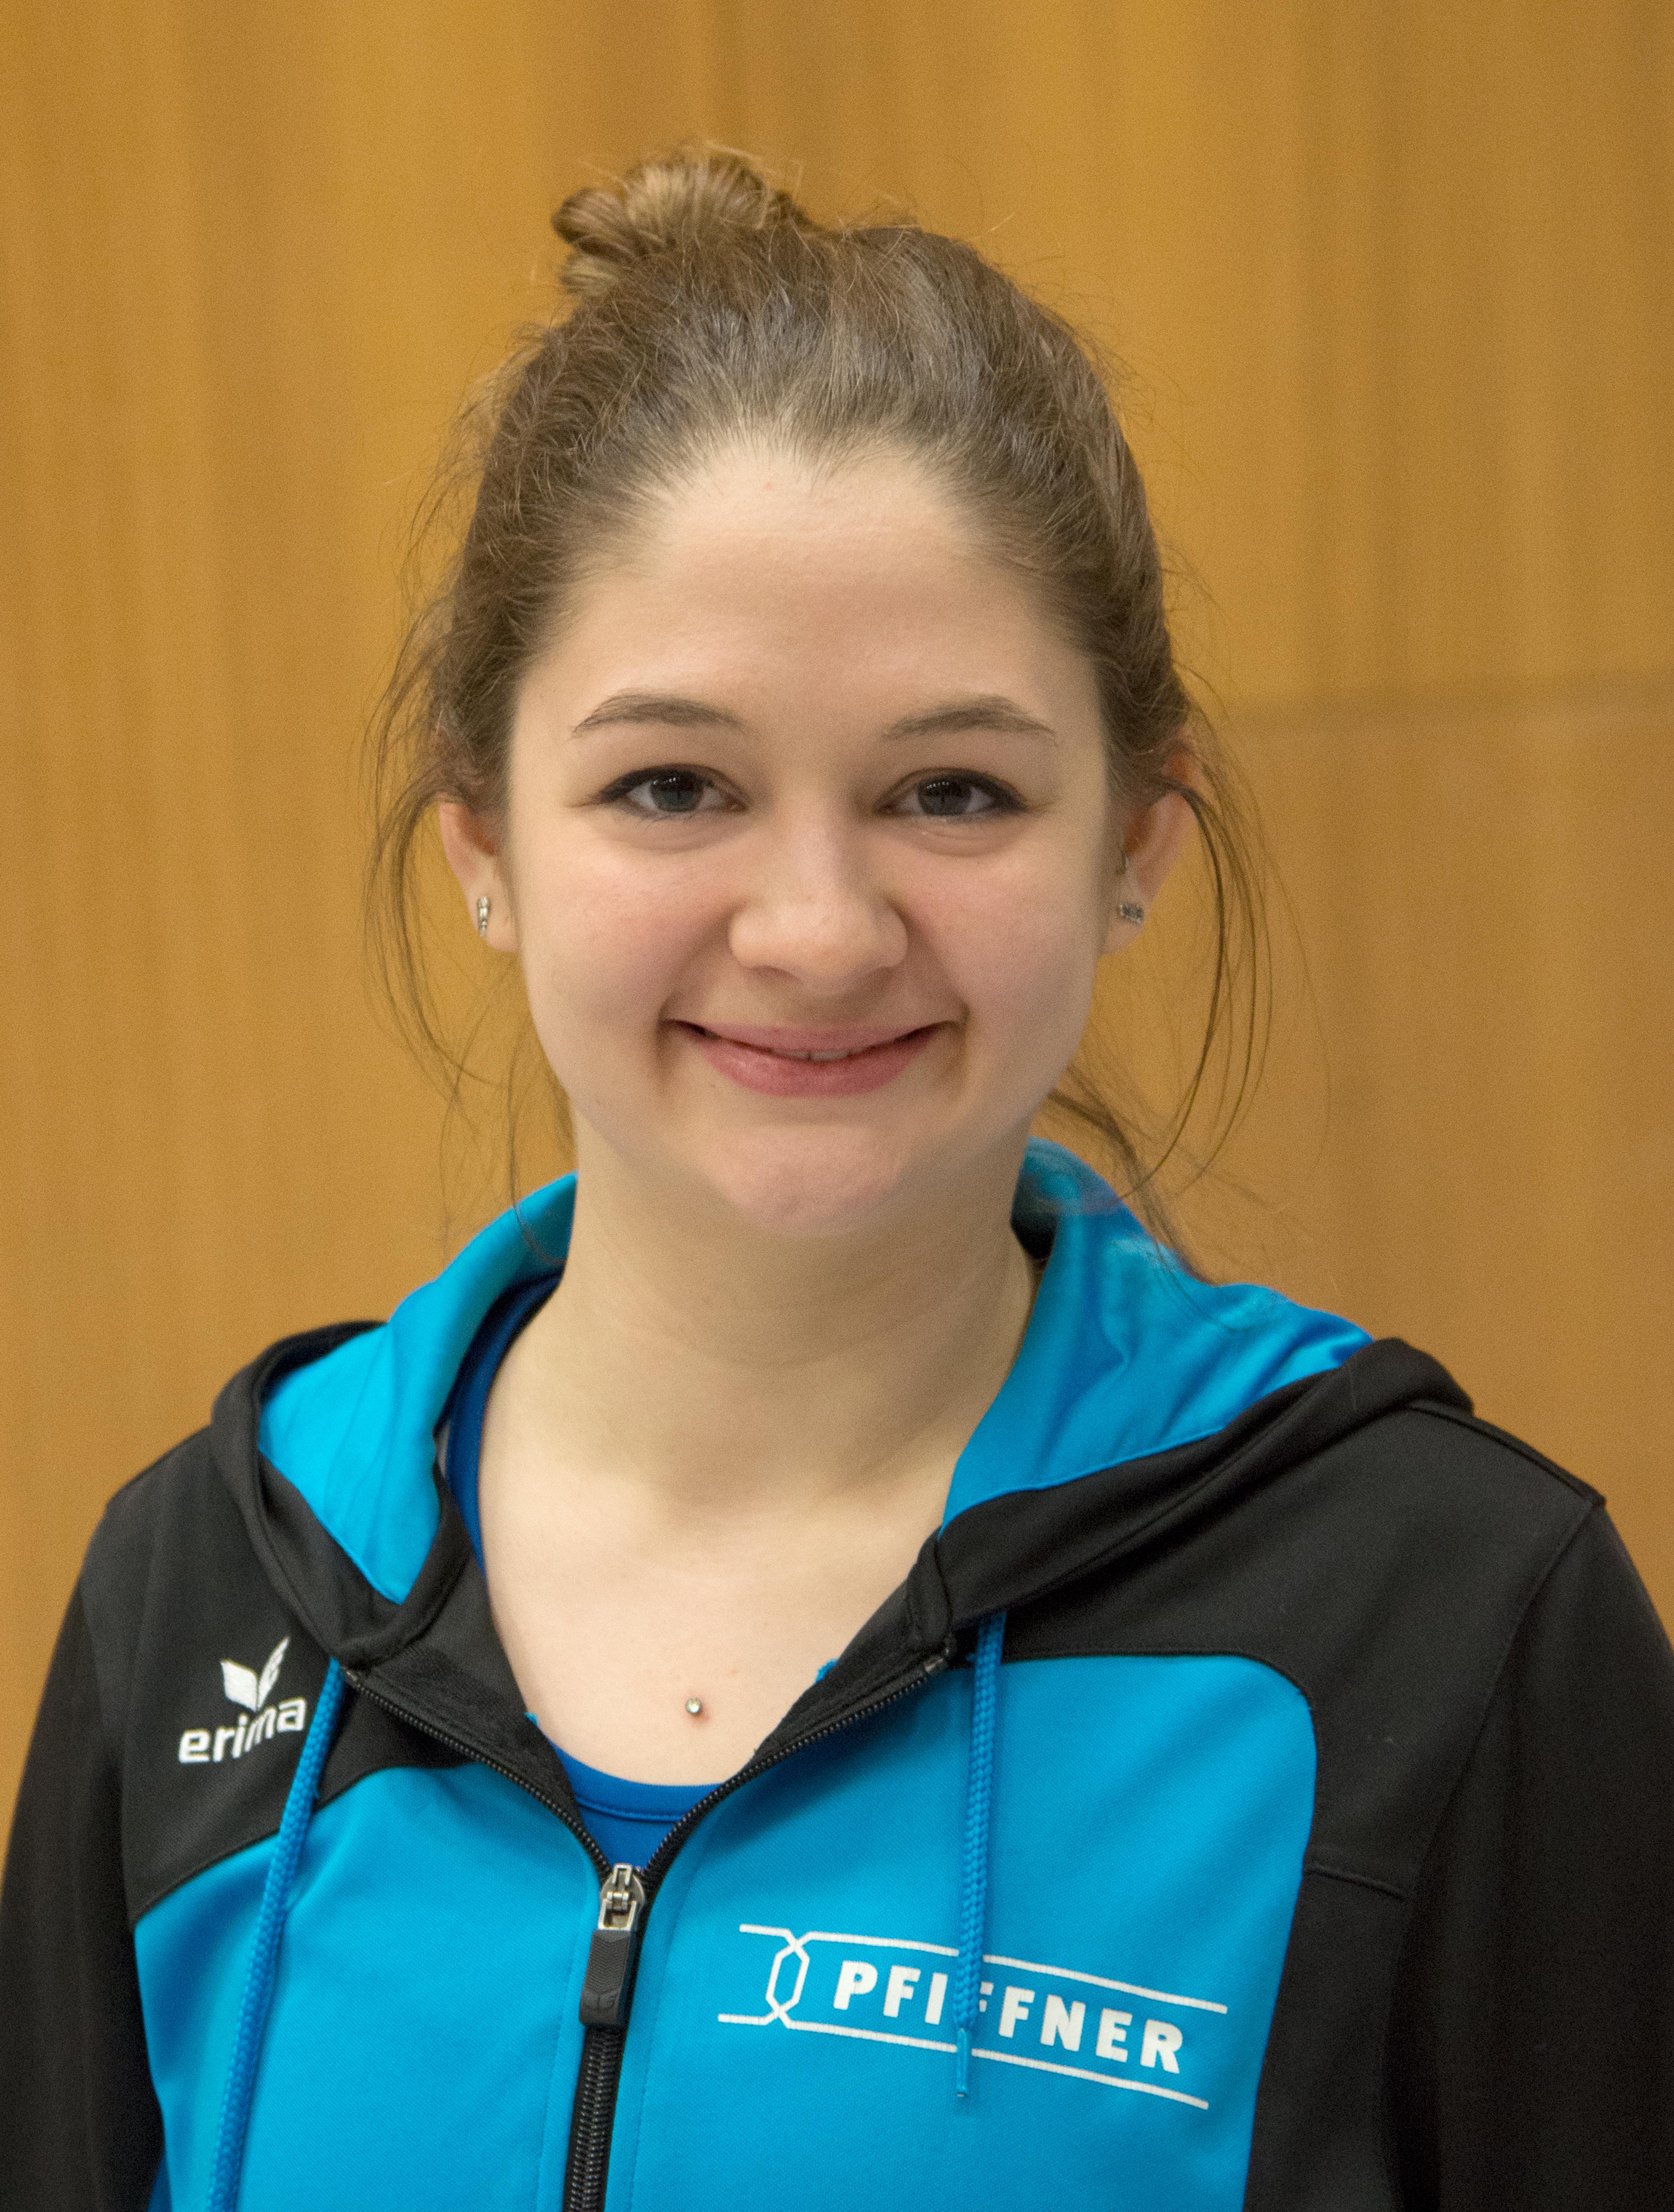 Michelle Jauch